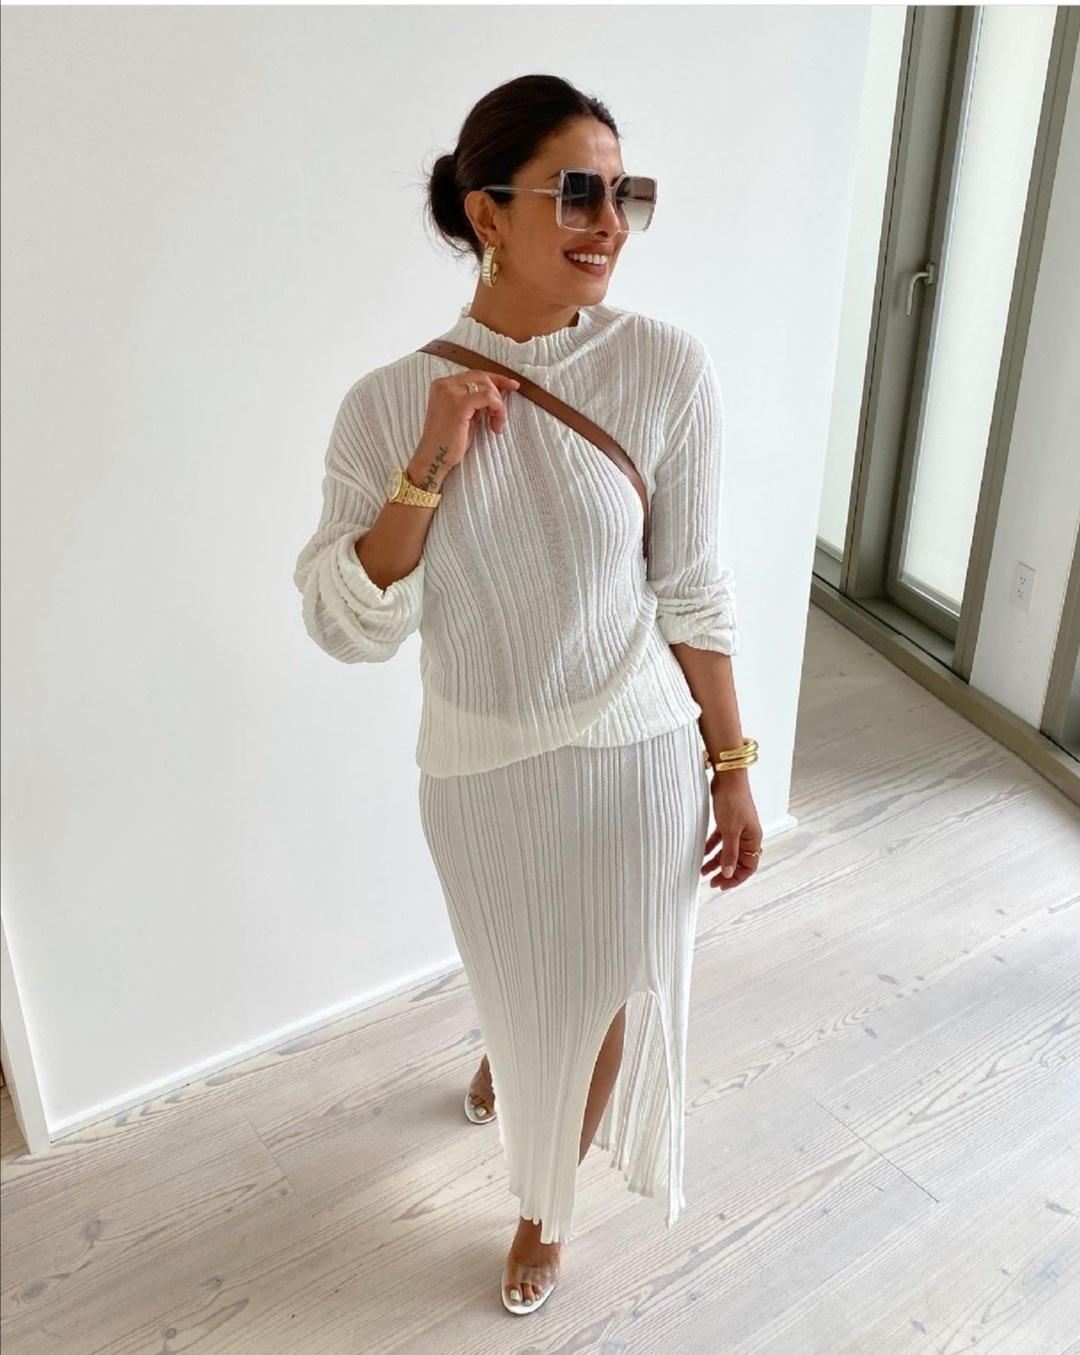 بريانكا شوبرا تتألق باللون الأبيض- الصورة من حساب بريانكا شوبرا على إنستقرام